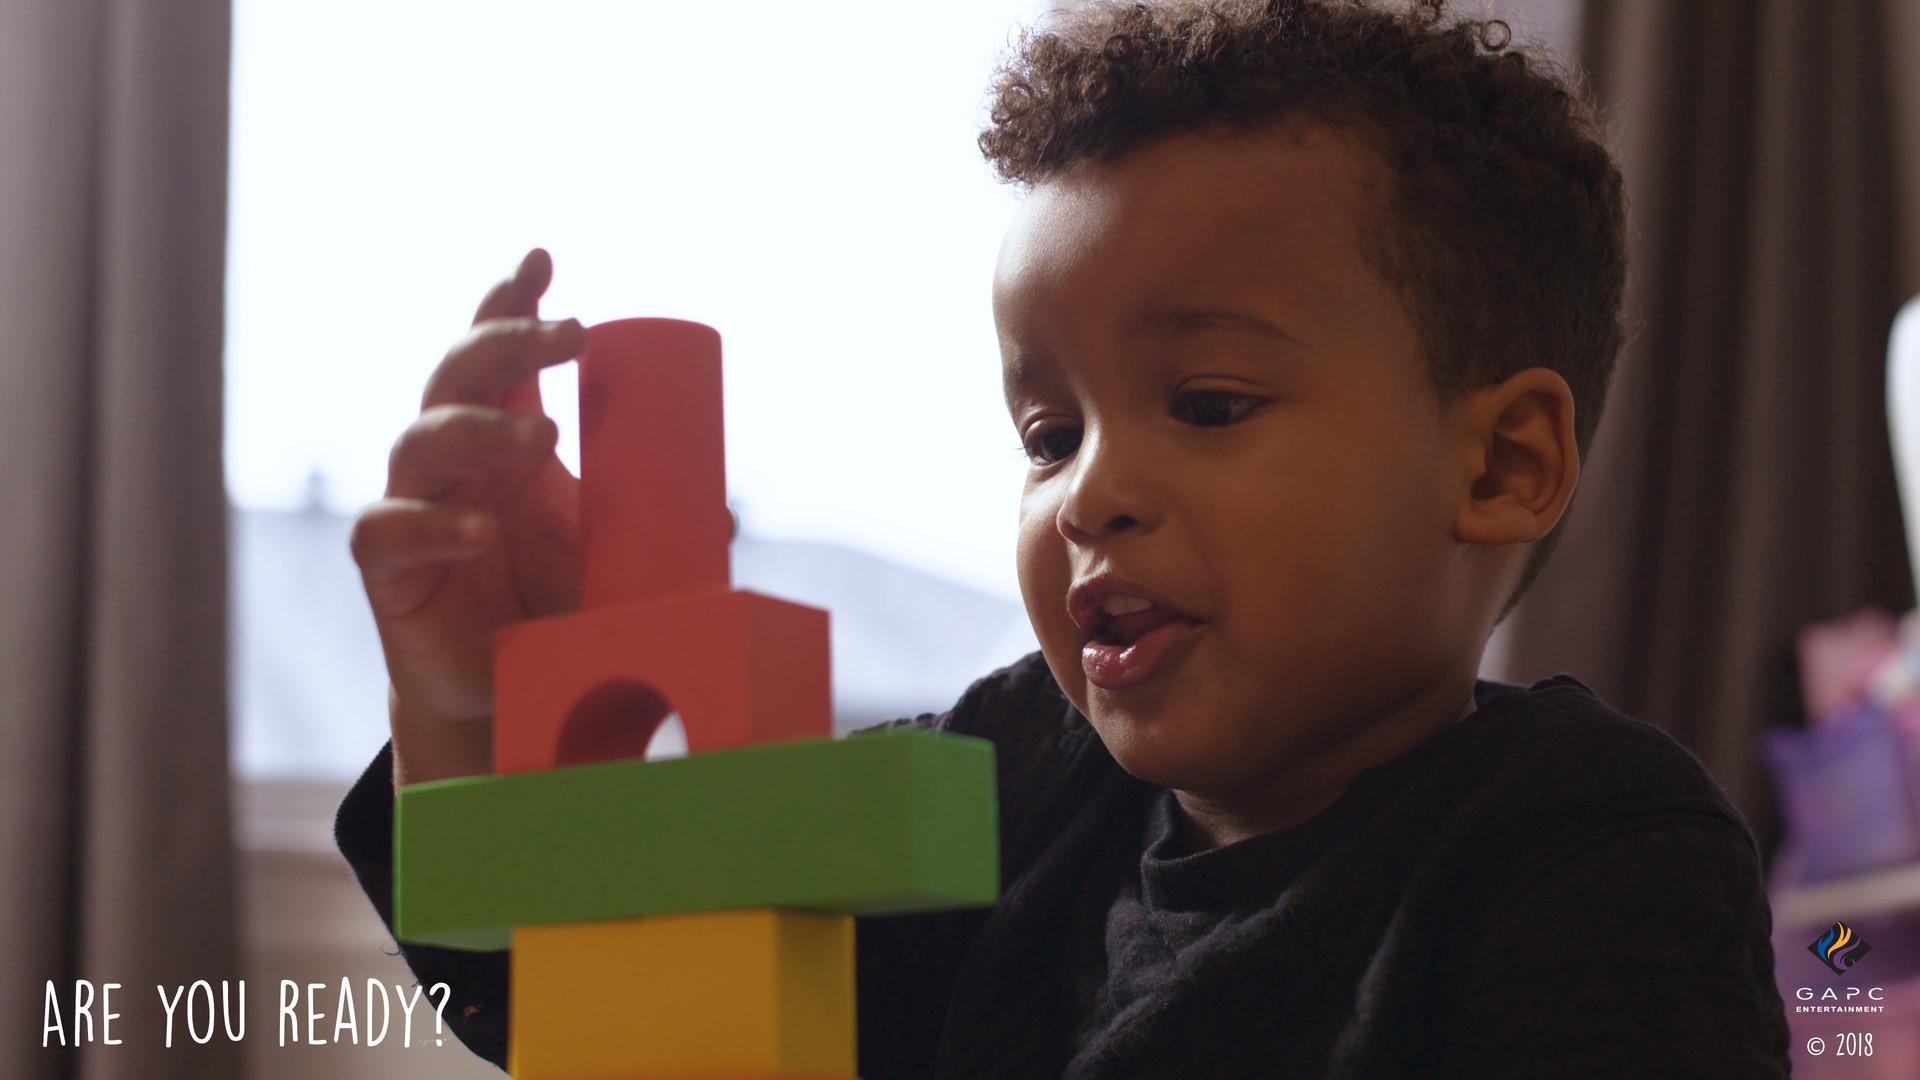 Malik_Playing with Blocks_Last Piece.jpg